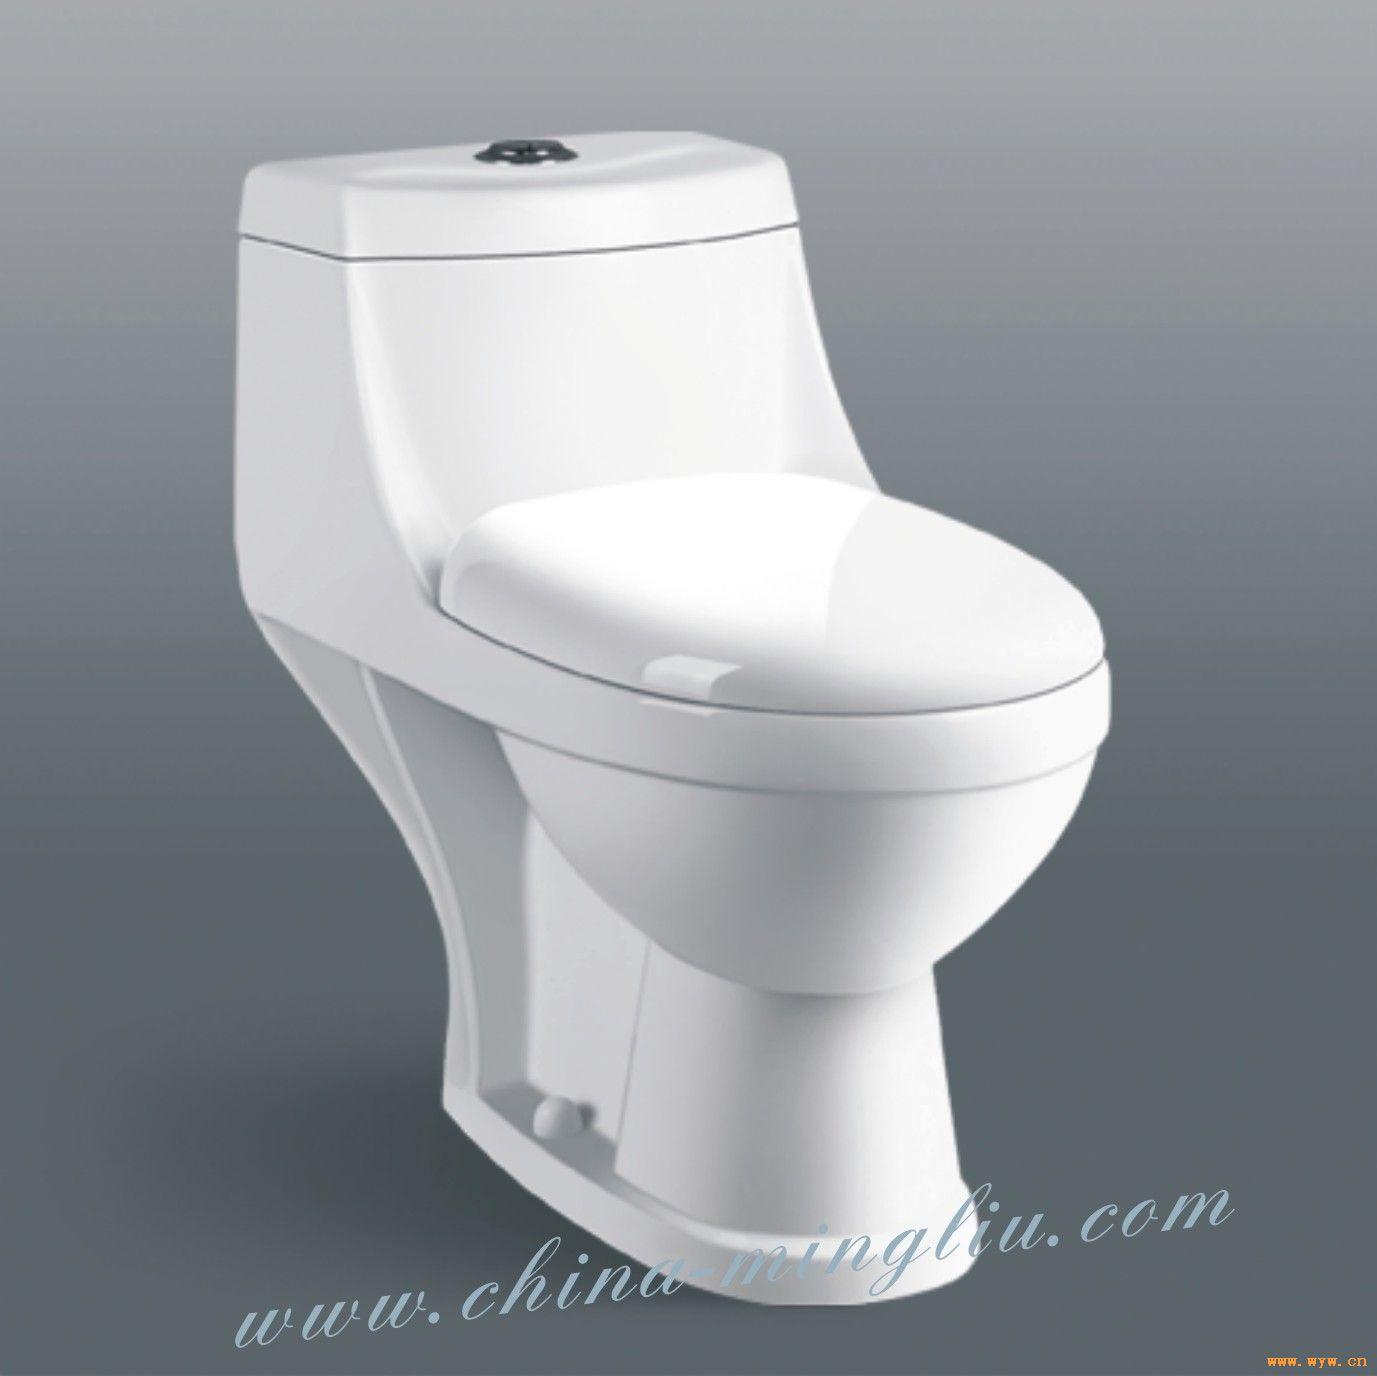 马桶 卫生间 卫浴 座便器 1377_1376